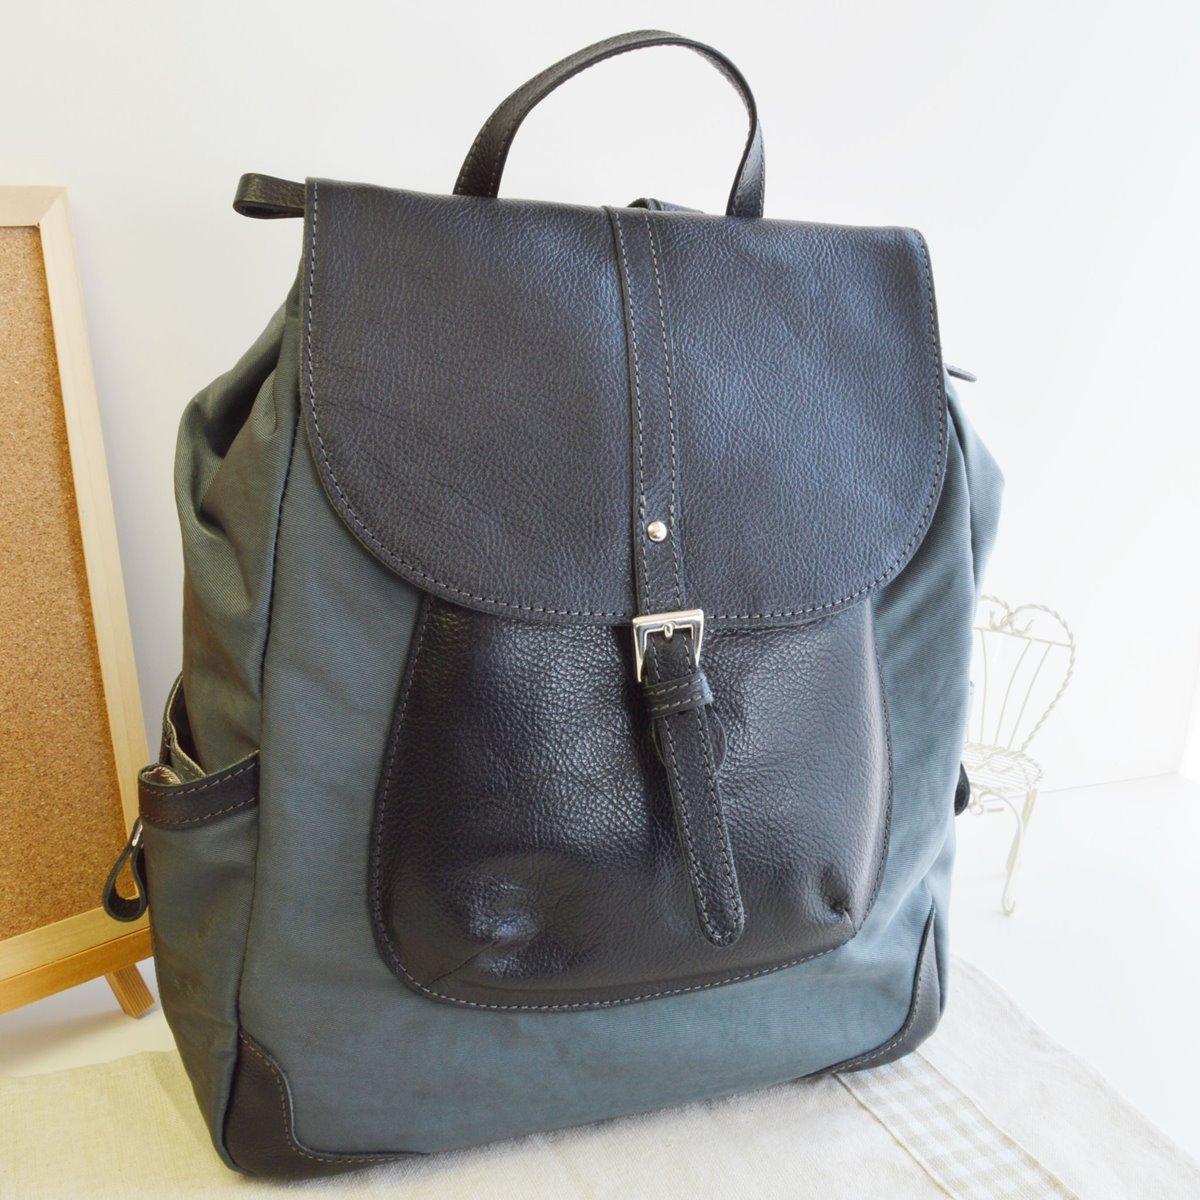 本革 リュック リュックサック グレーブラック 牛革使用 日本製 No2634 人気 通勤 通学バッグ レディースバッグ (鞄 かばん バッグ) B071JDRZSW